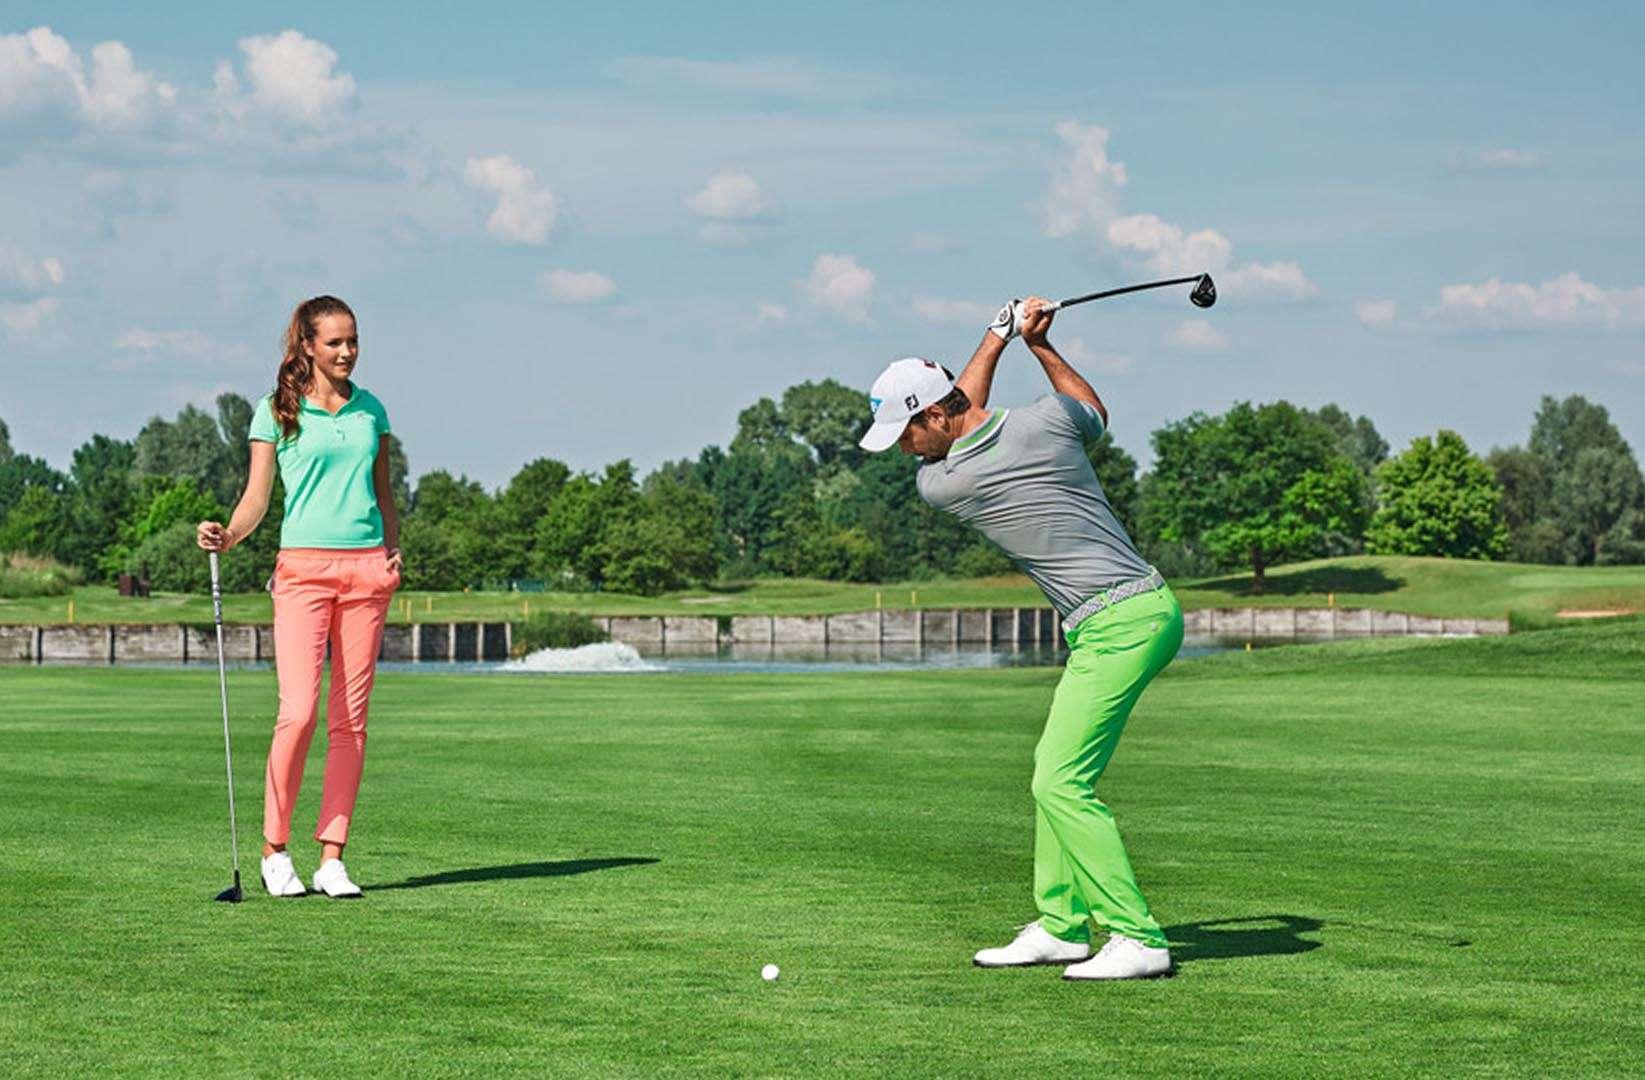 Alberto Golf Golfplatz